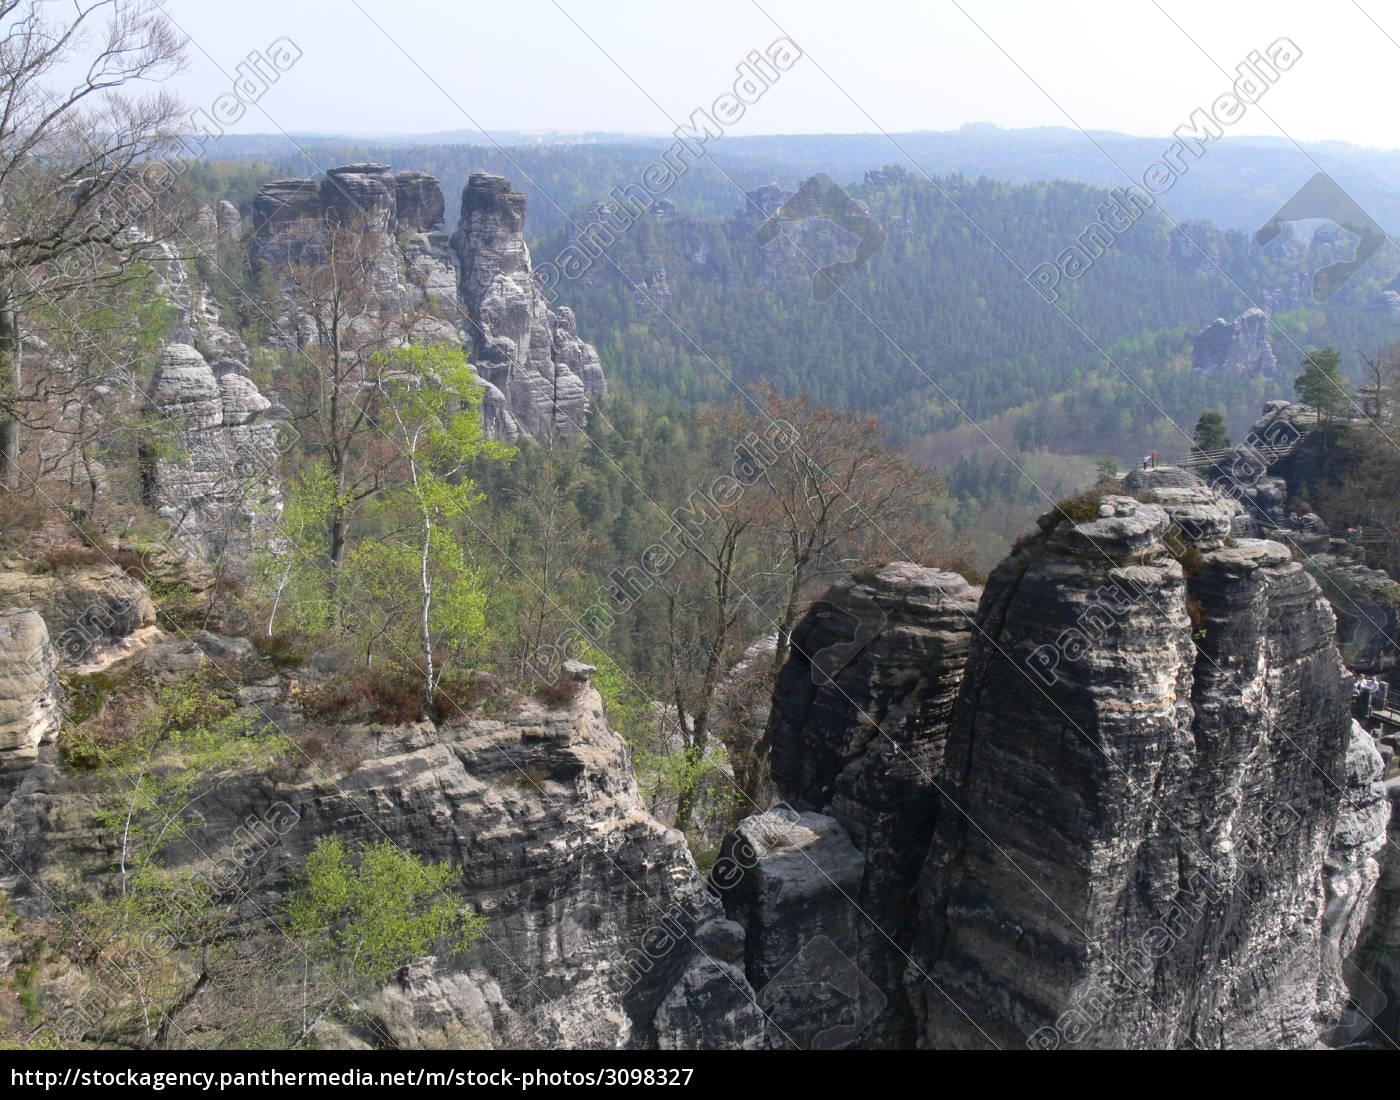 elbsandsteingebirge - 3098327